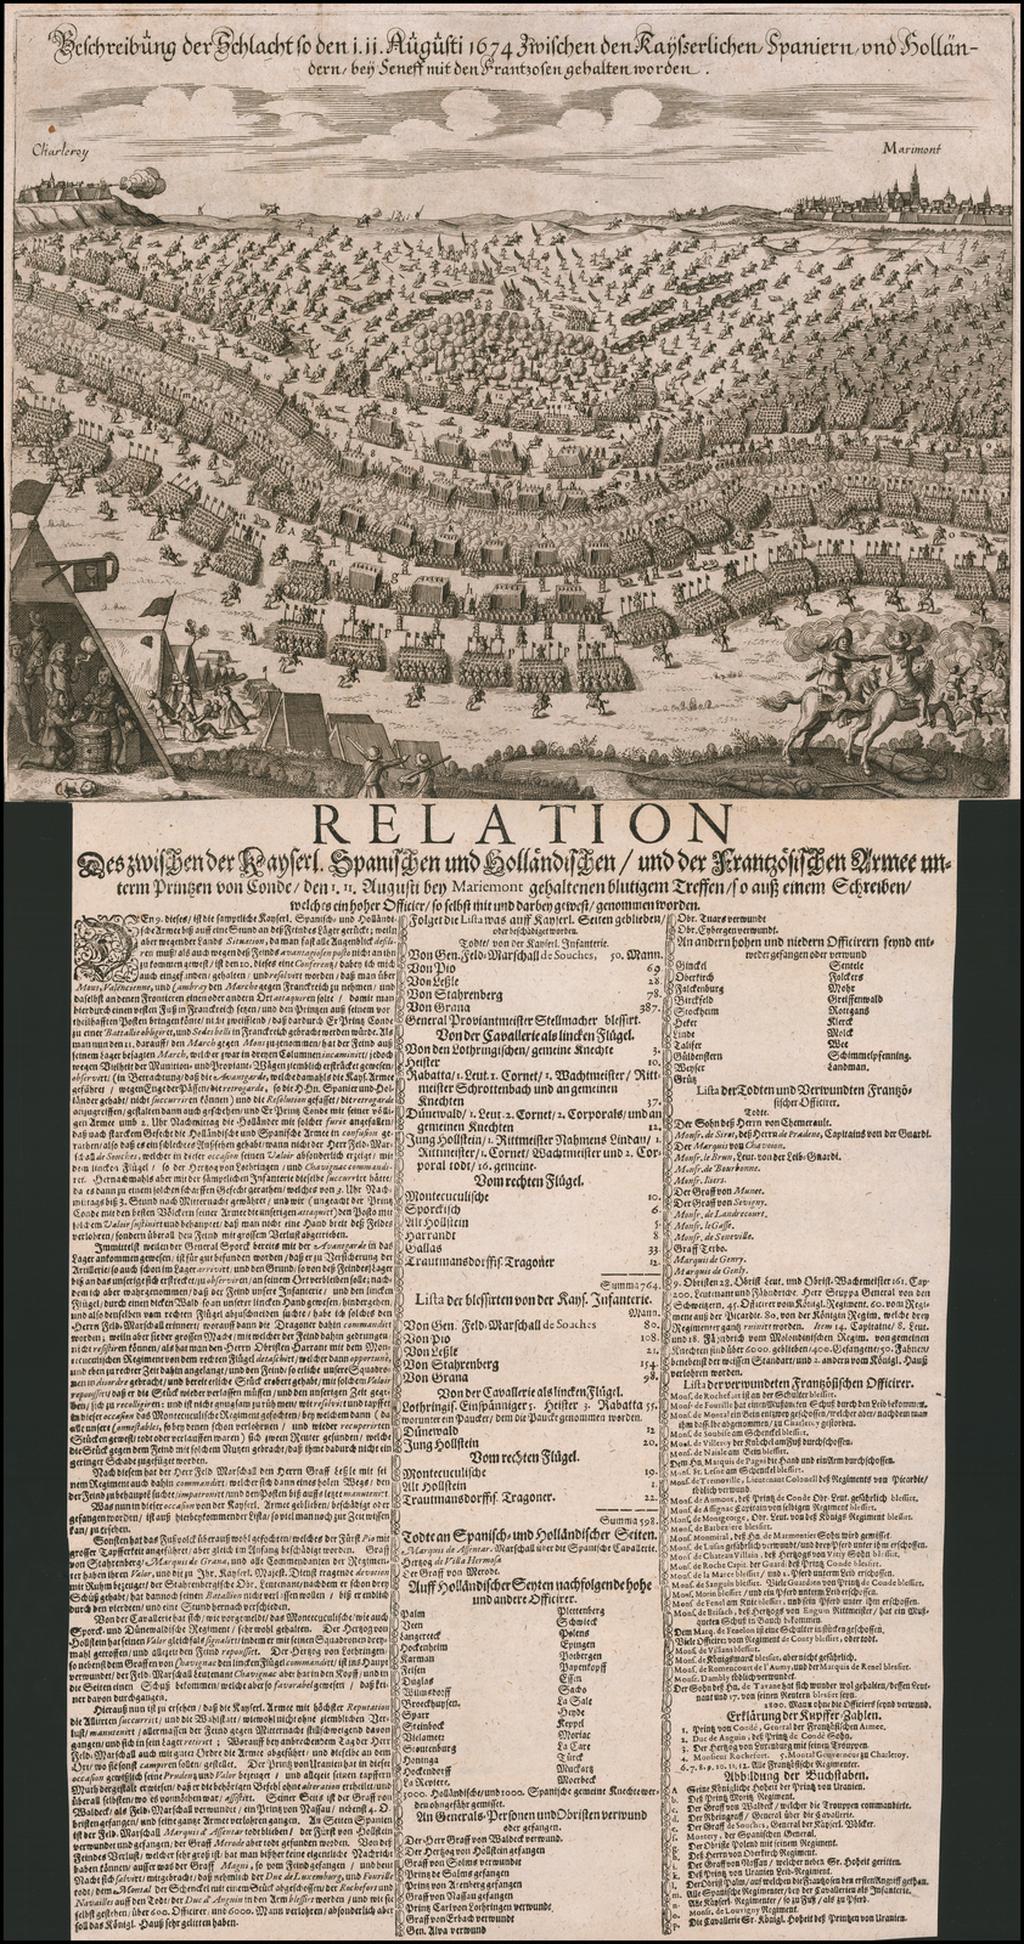 [Battle of Seneffe] Beschreibung der Schlact so den i. ii. Augusti 1674 zwischen den Kayerlichen Spaniern und Hollanddern bey Seness mid den Frantzosen gehalten worden By Wilhelm Serlin